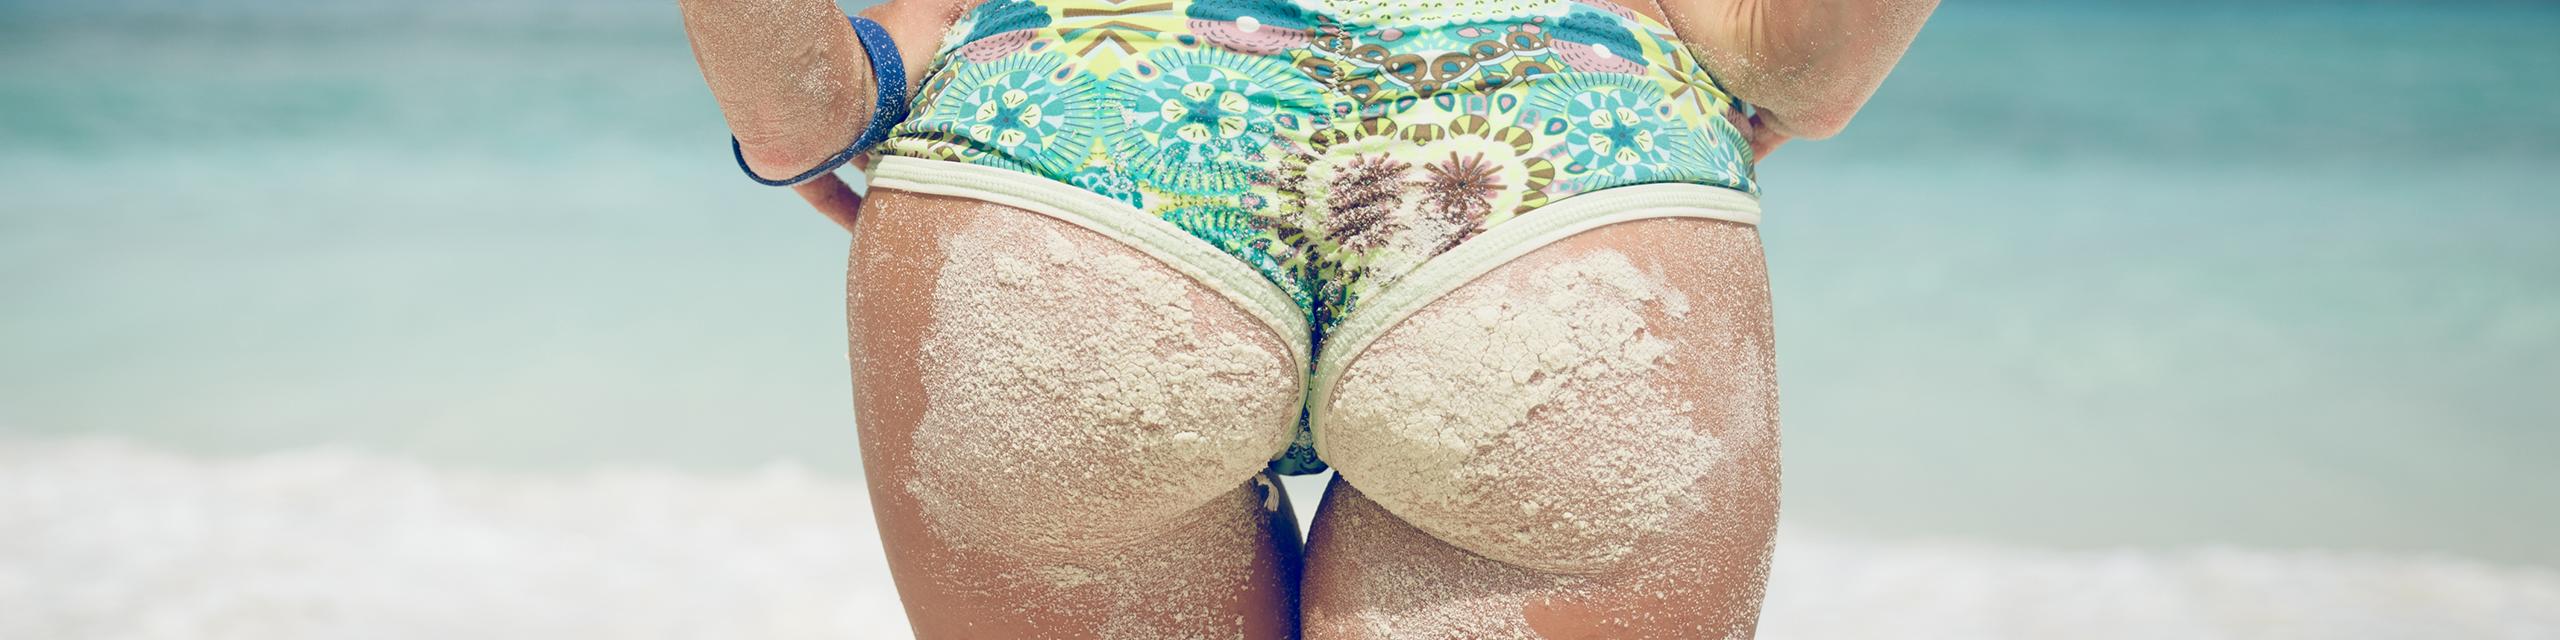 Sex on the beach, het wordt je betaald gezet